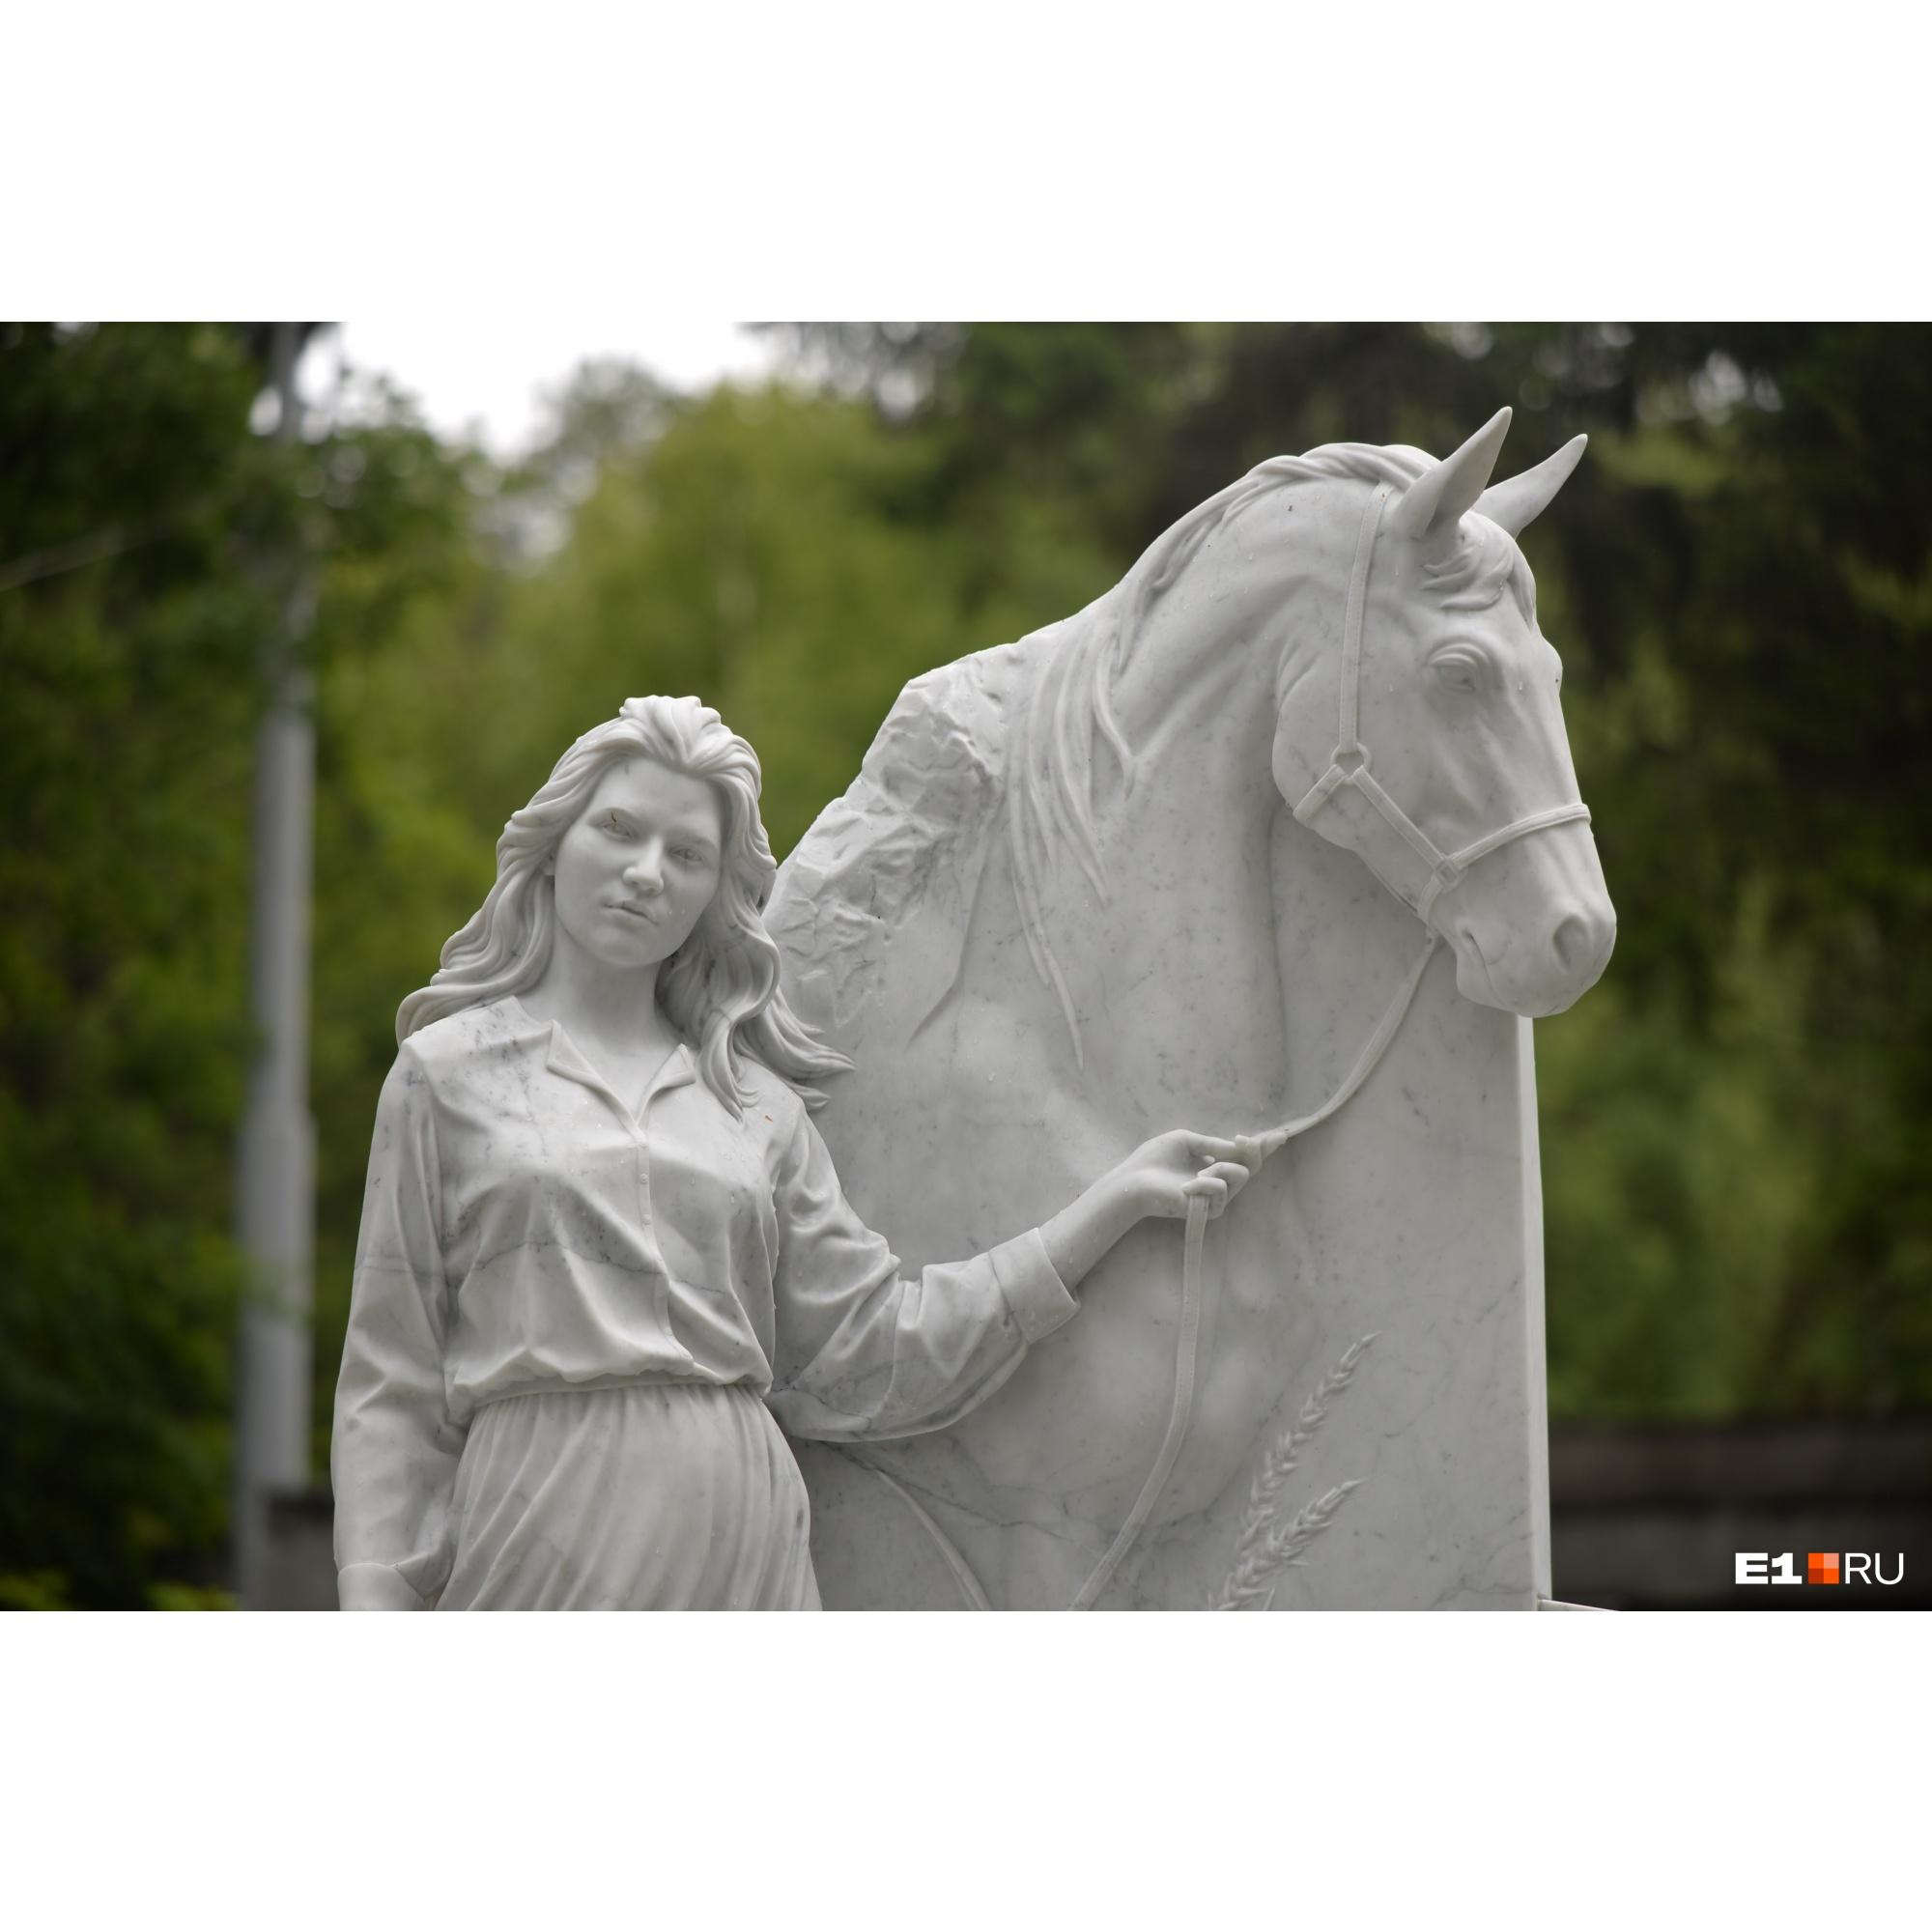 Скульпторы тщательно проработали все детали монумента